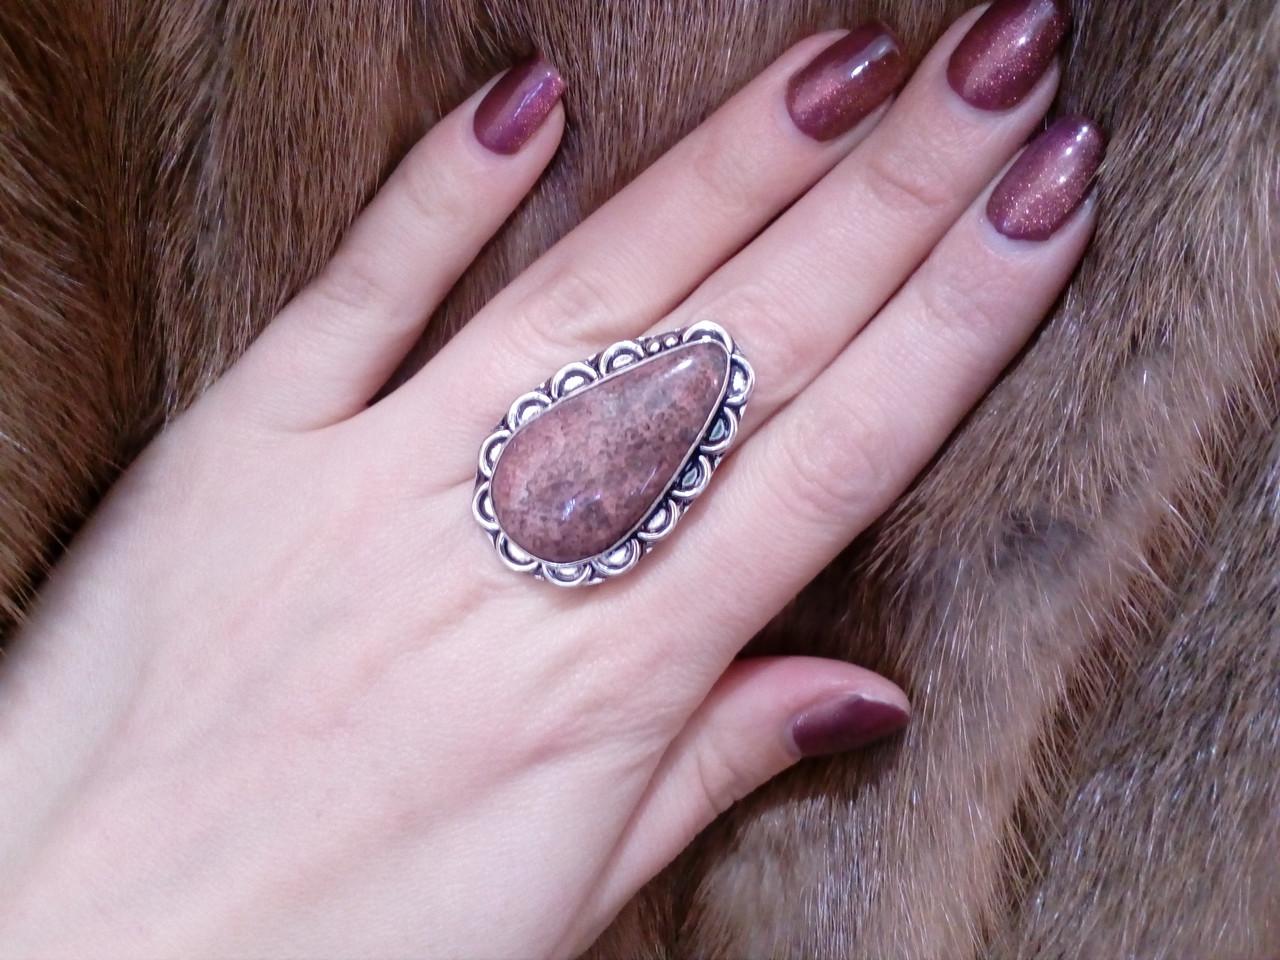 Красивое кольцо с агатом в серебре. Кольцо с камнем агат 17,5 размер Индия, фото 1